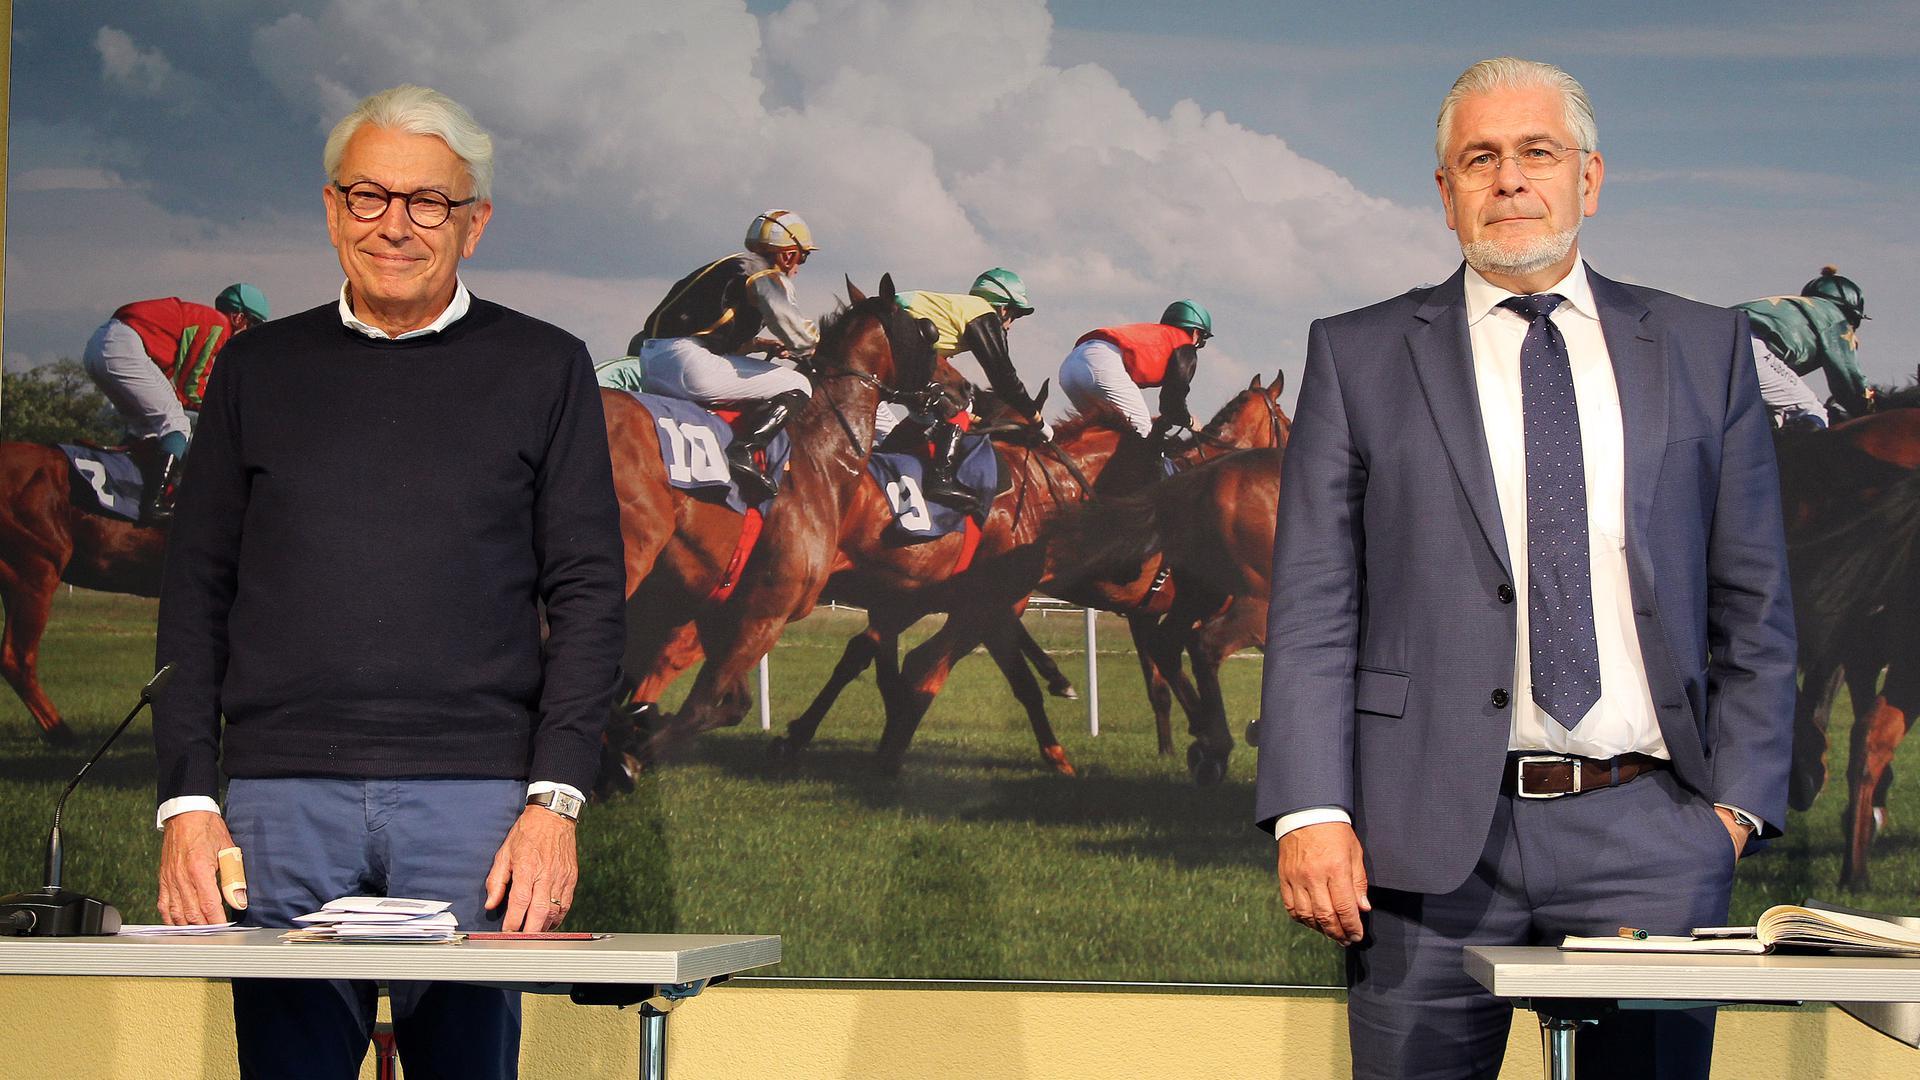 Die beiden turfbegeisterten Motoren des künftigen Fördervereins: Peter Werler und Martin Kronimus (von links) stellen sich am Donnerstag zur Wahl – der eine als Gründungsvorsitzender, der andere als dessen Stellvertreter.